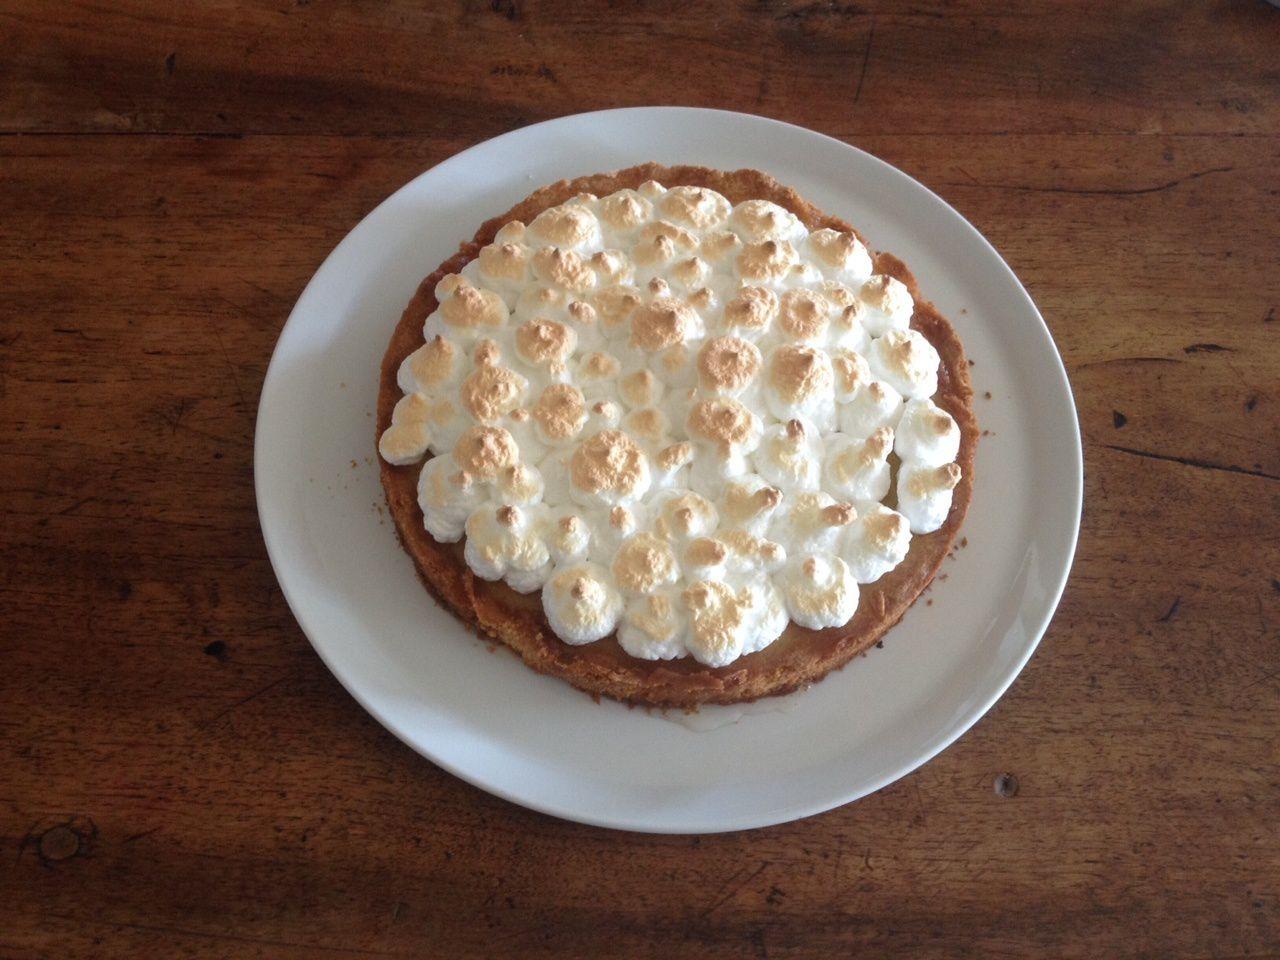 Recette cuisine tarte citron orange meringu e avec ou sans thermomix fashion maman - Recette tarte au citron sans meringue ...